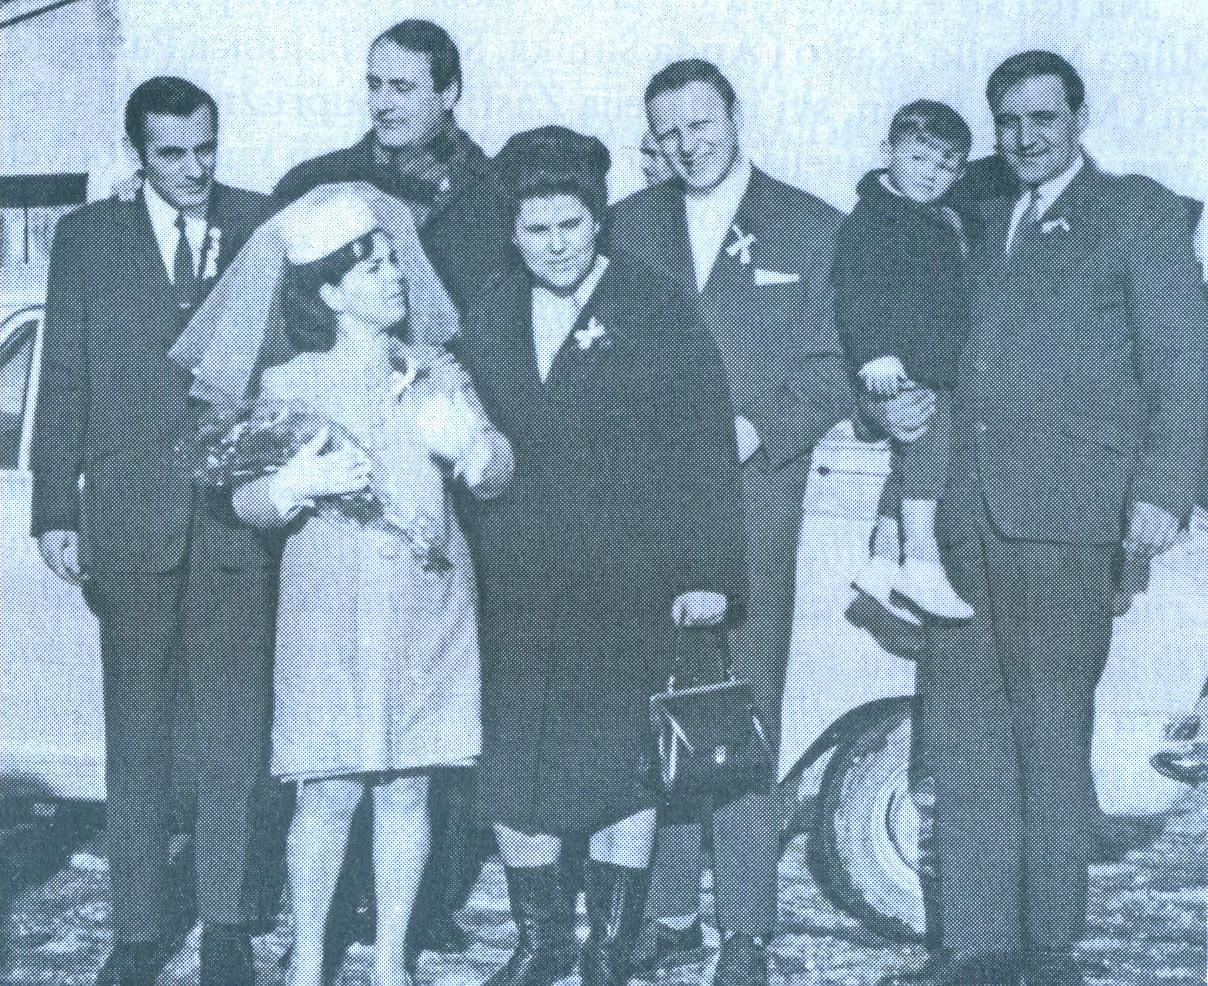 Sa svadbe VLADA i MACE MITRANIĆ (do njih su, s lijeva na desno, Vladov brat od strica VESELIN, Vladov rođeni brat LjUBINKO sa suprugom SMILjOM i brat od strica DUŠAN sa sinom NEBOJŠOM